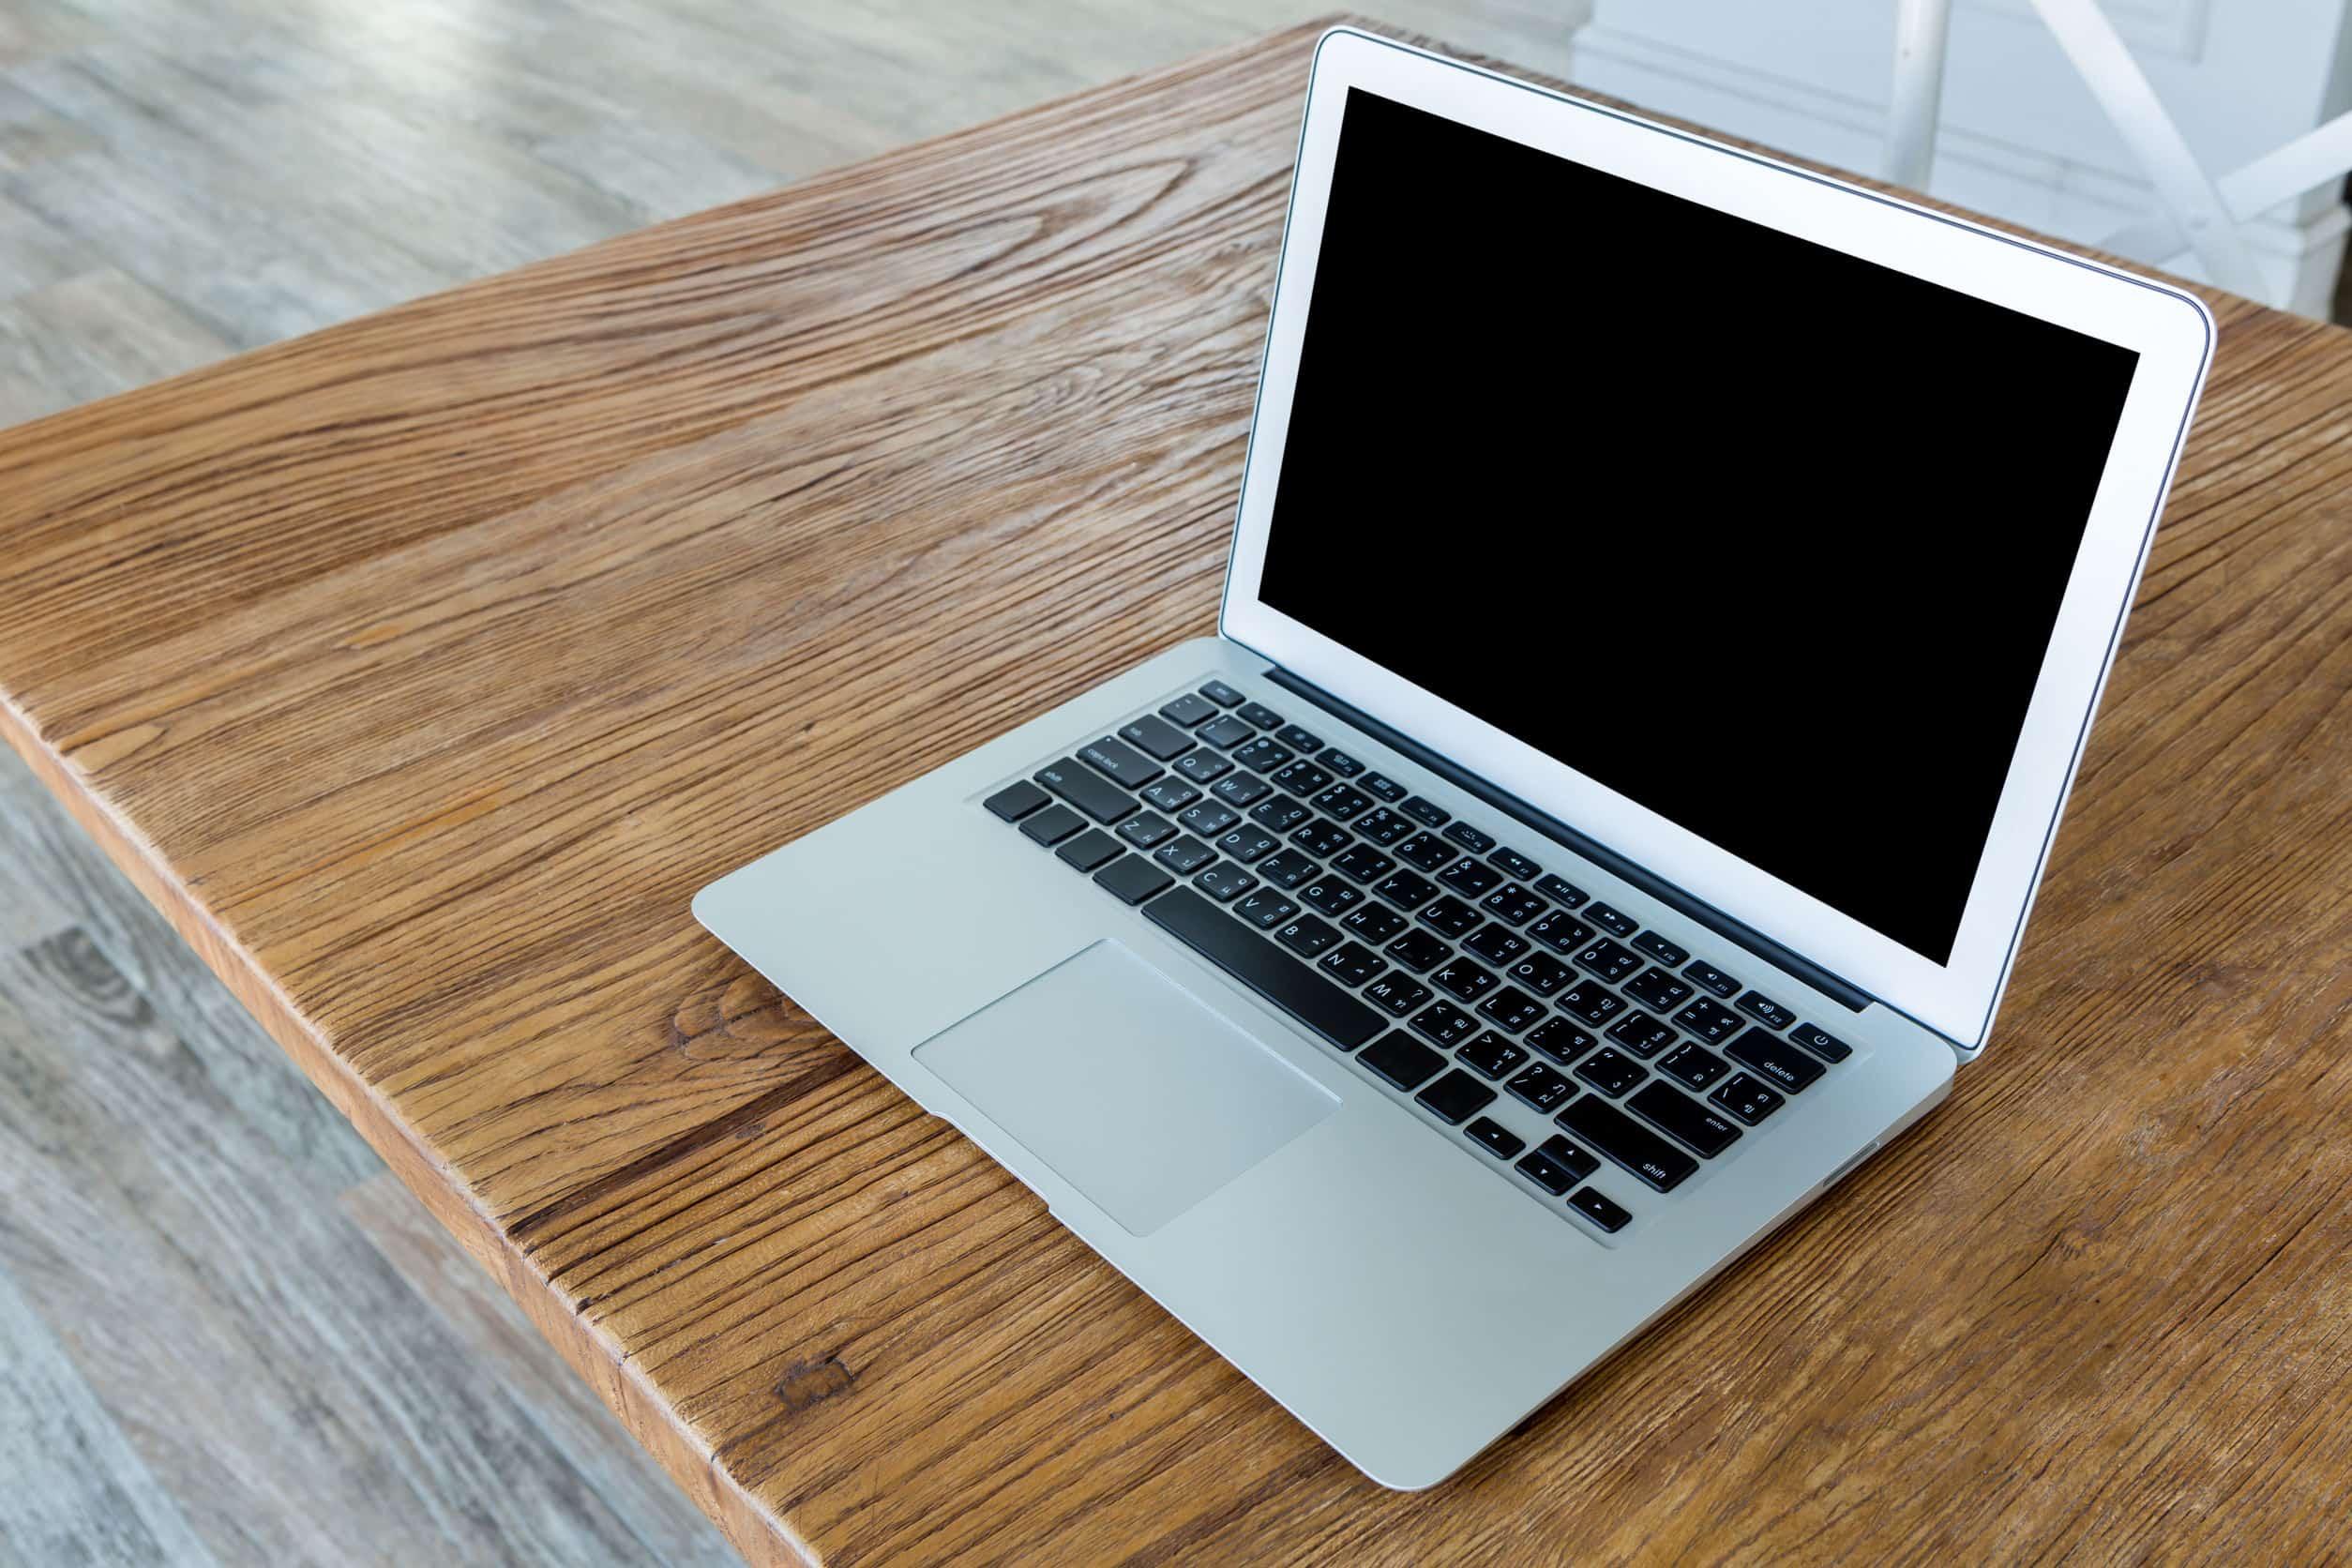 Imagem mostra um notebook aberto da Lenovo na cor cinza sobre mesa.